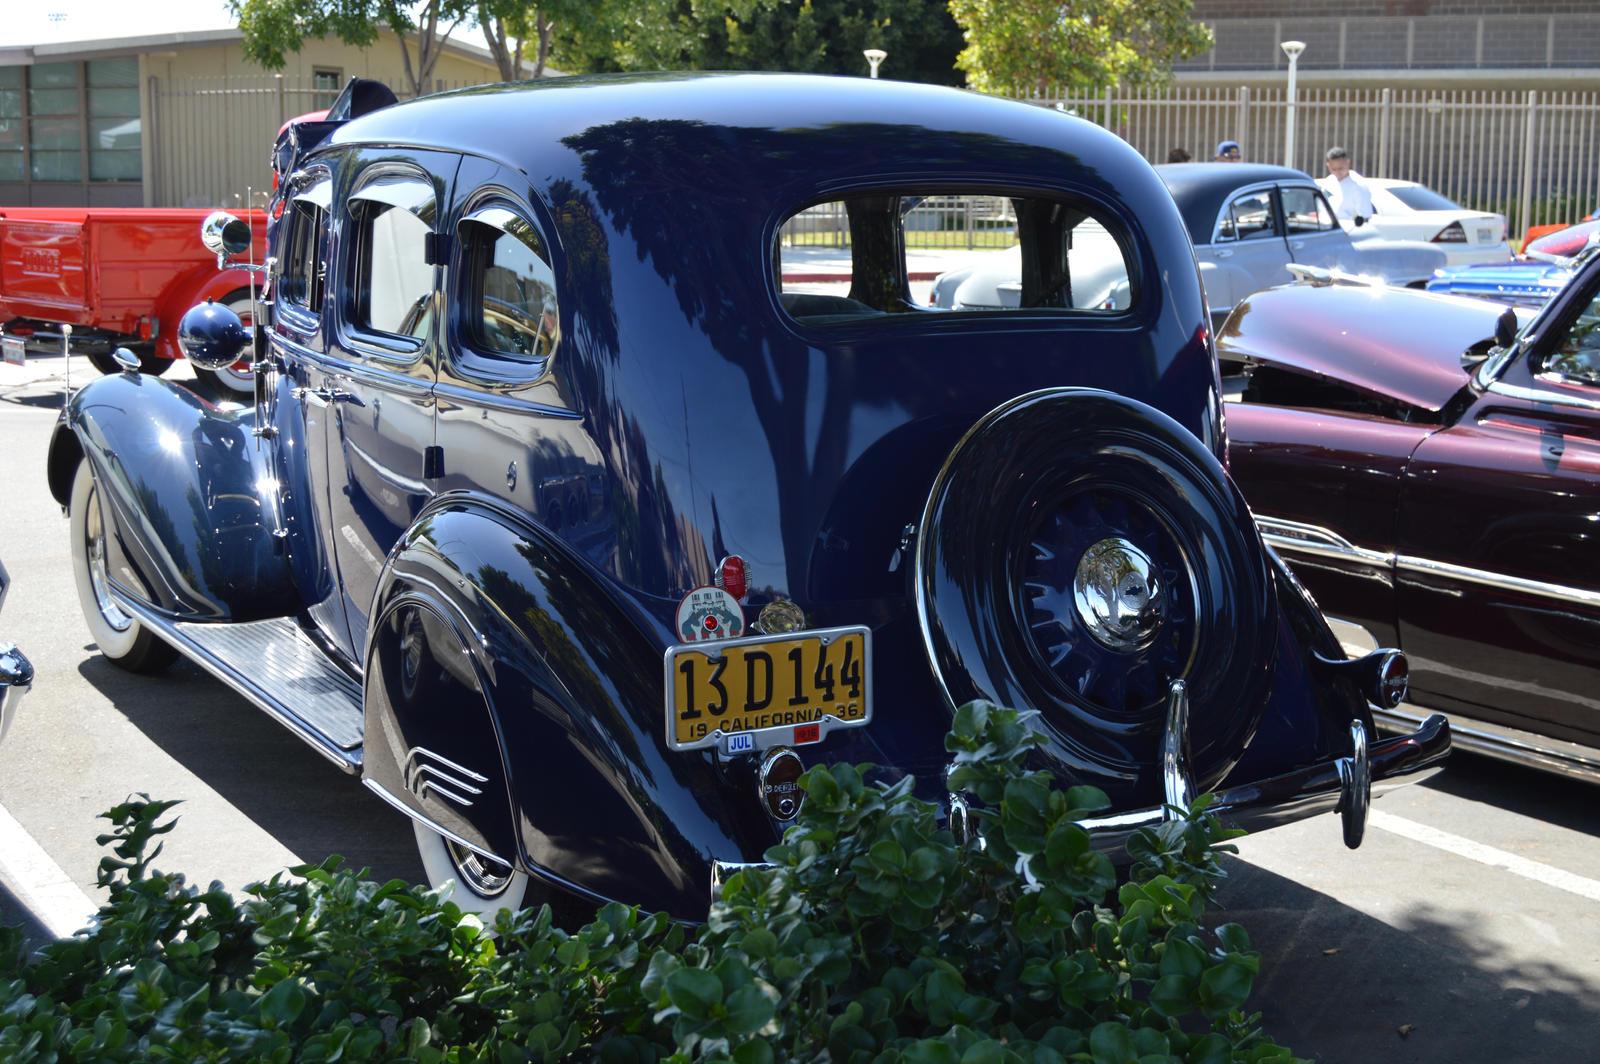 1936 chevrolet four door sedan v by brooklyn47 on deviantart for 1936 chevrolet 4 door sedan